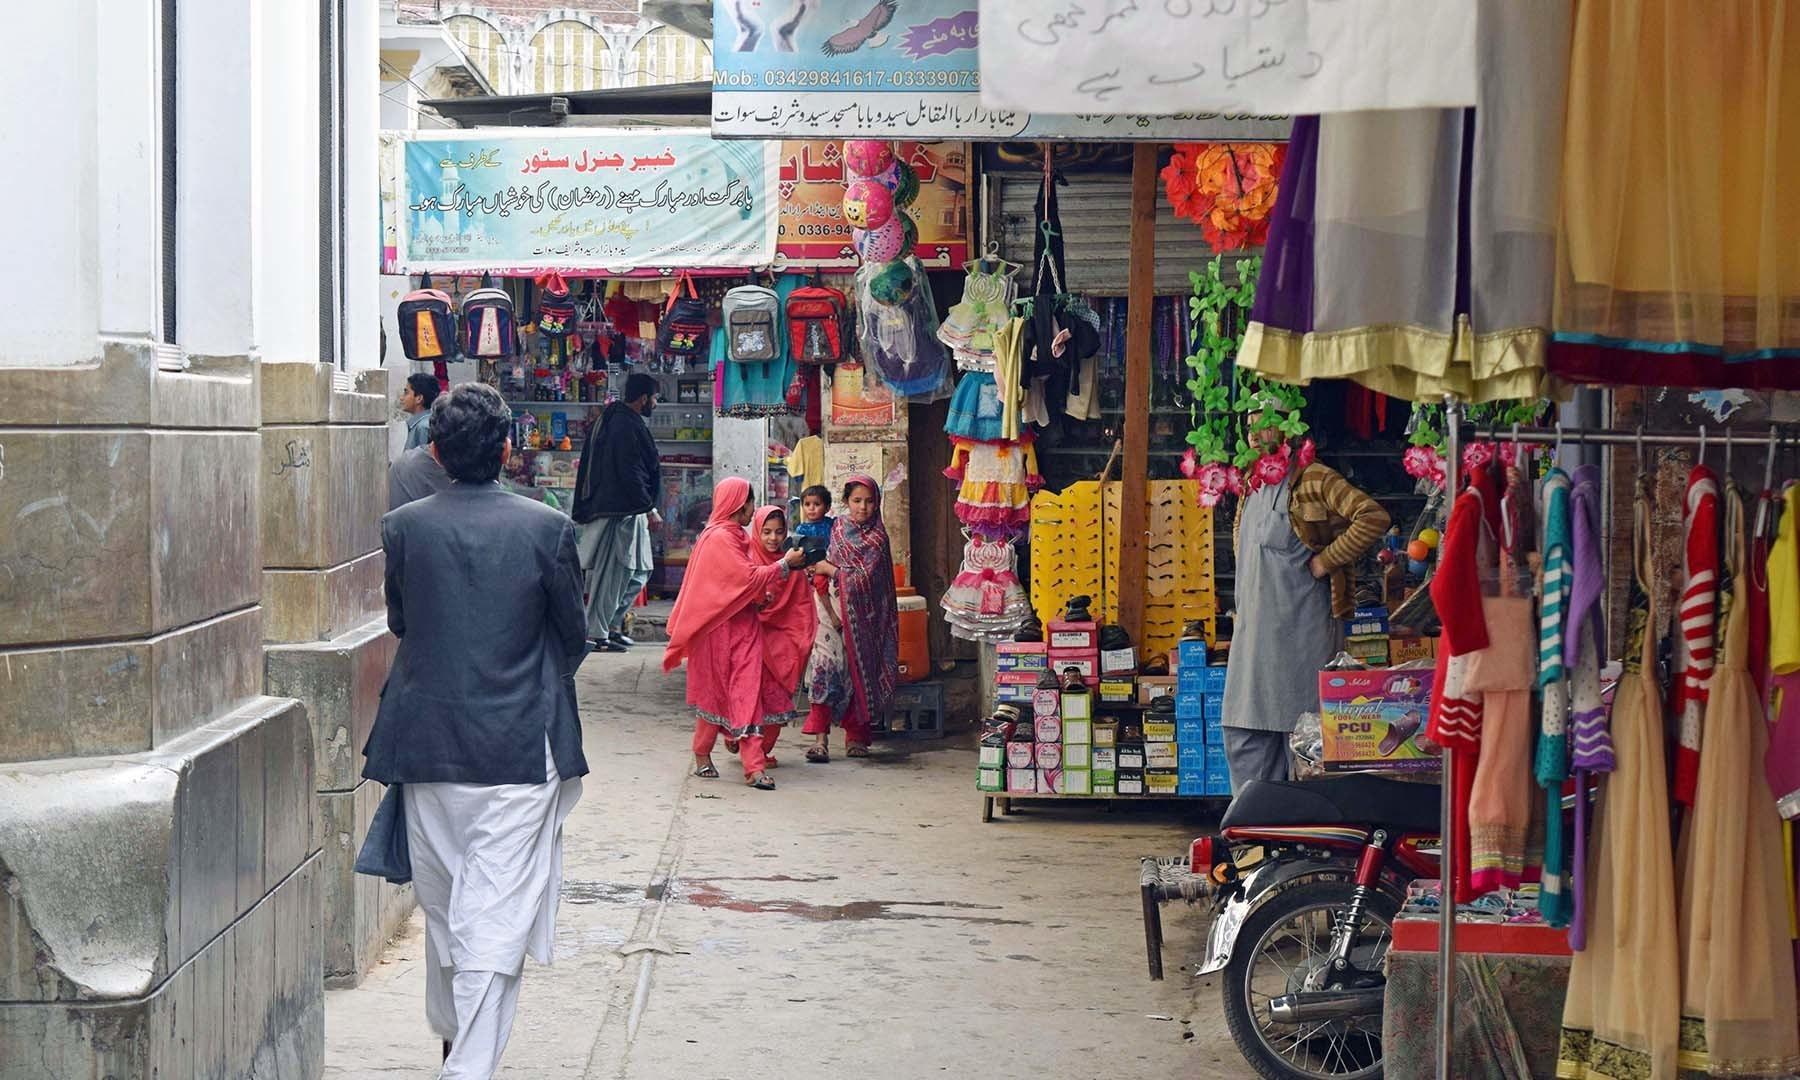 سیدو بابا بازار کے دن کے وقت کا منظر— فوٹو امجد علی سحاب